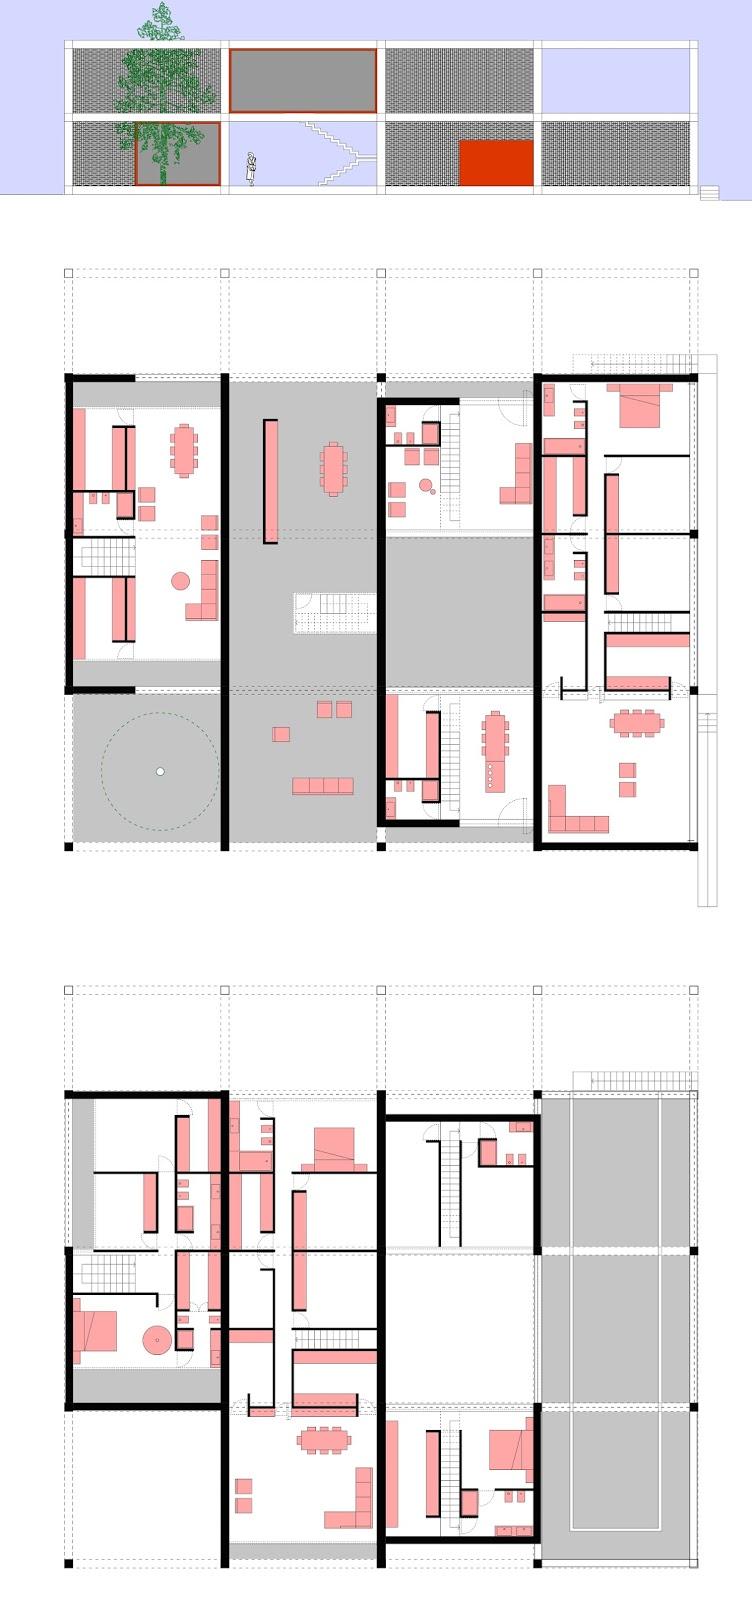 Cool la planimetria una in piano dello spazio o di una for Planimetrie della casa plurifamiliare